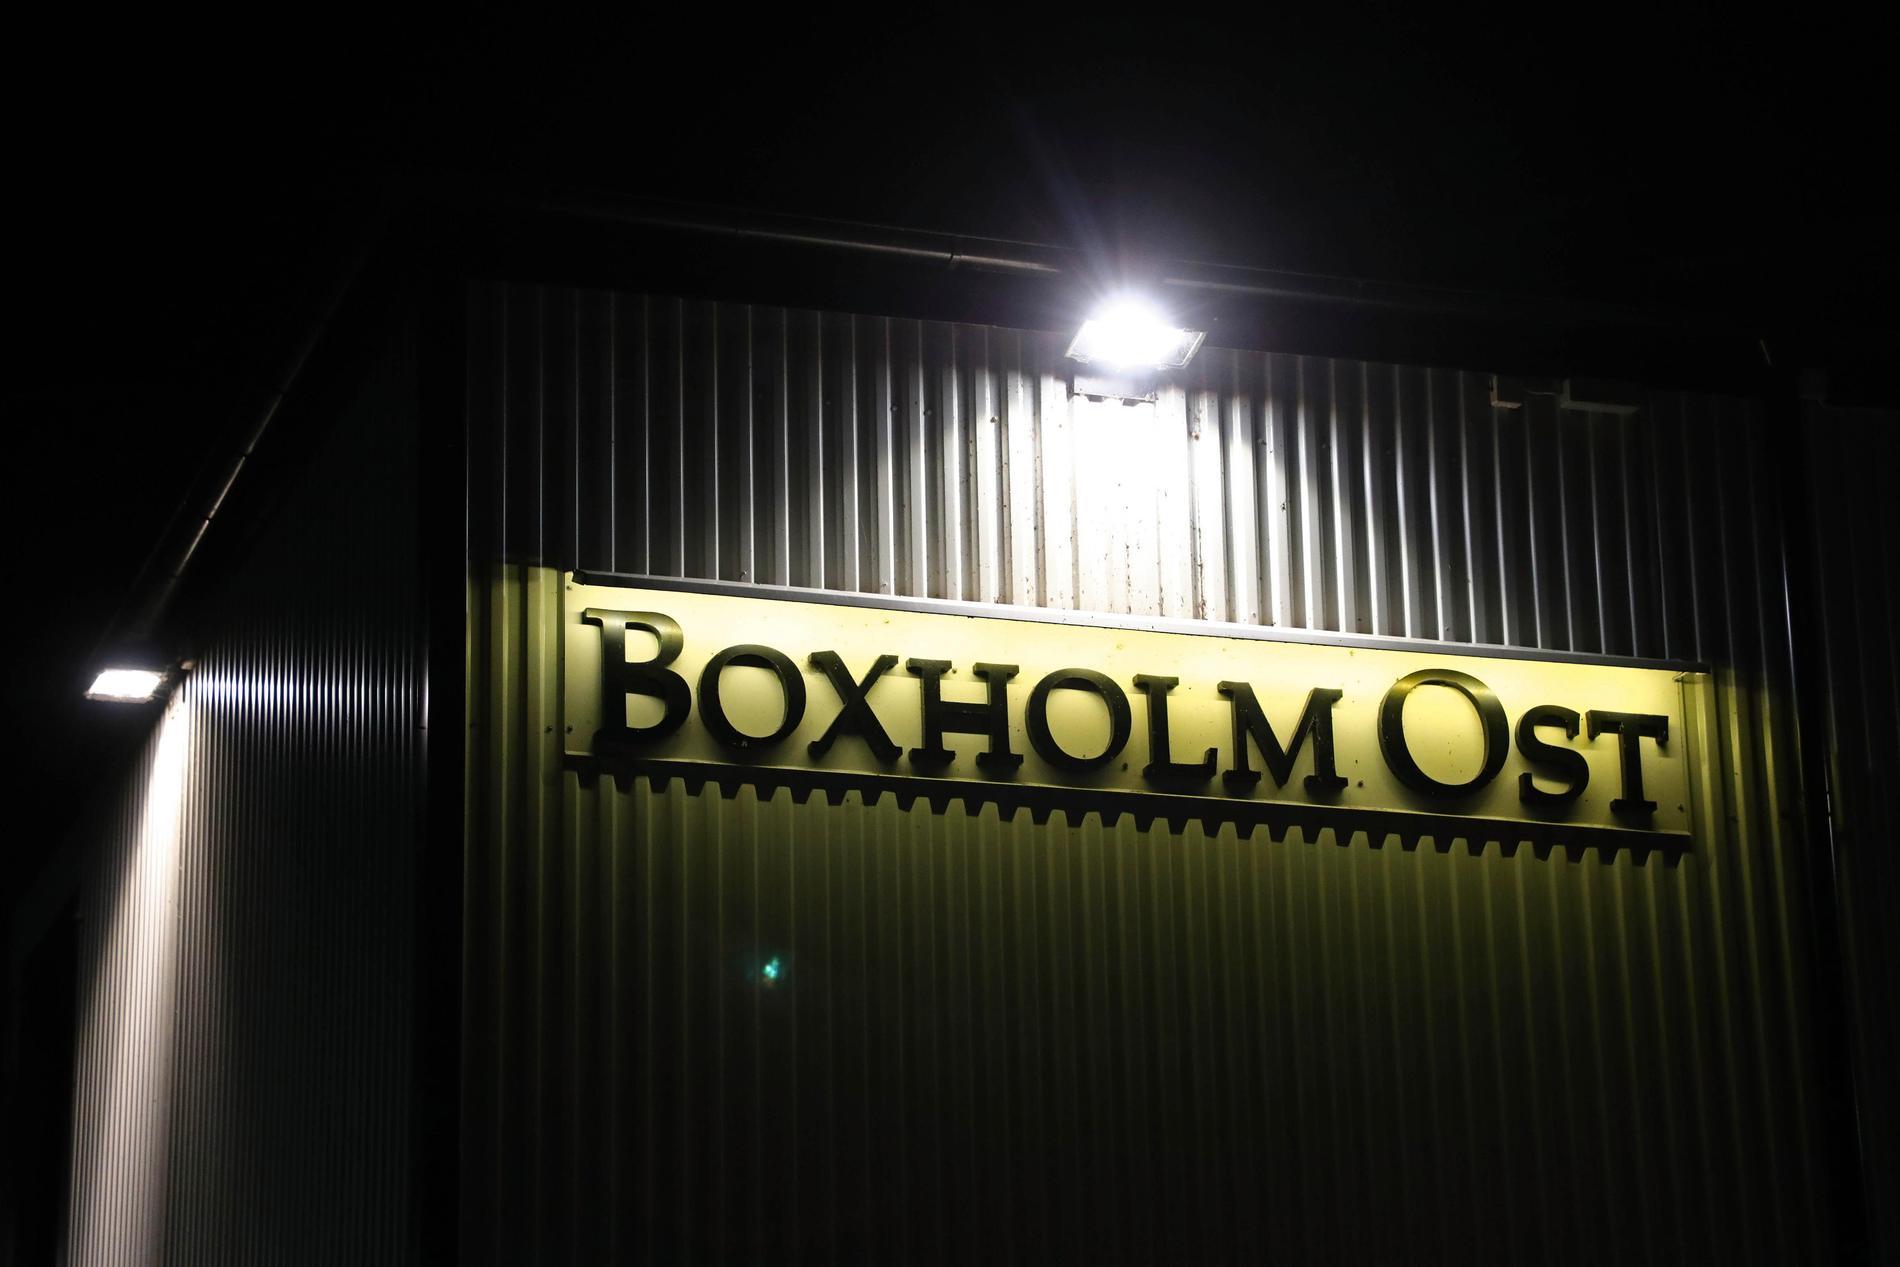 Kommun köpte mejeriet i Boxholm efter att Arla lagt ner osttillverkningen där.